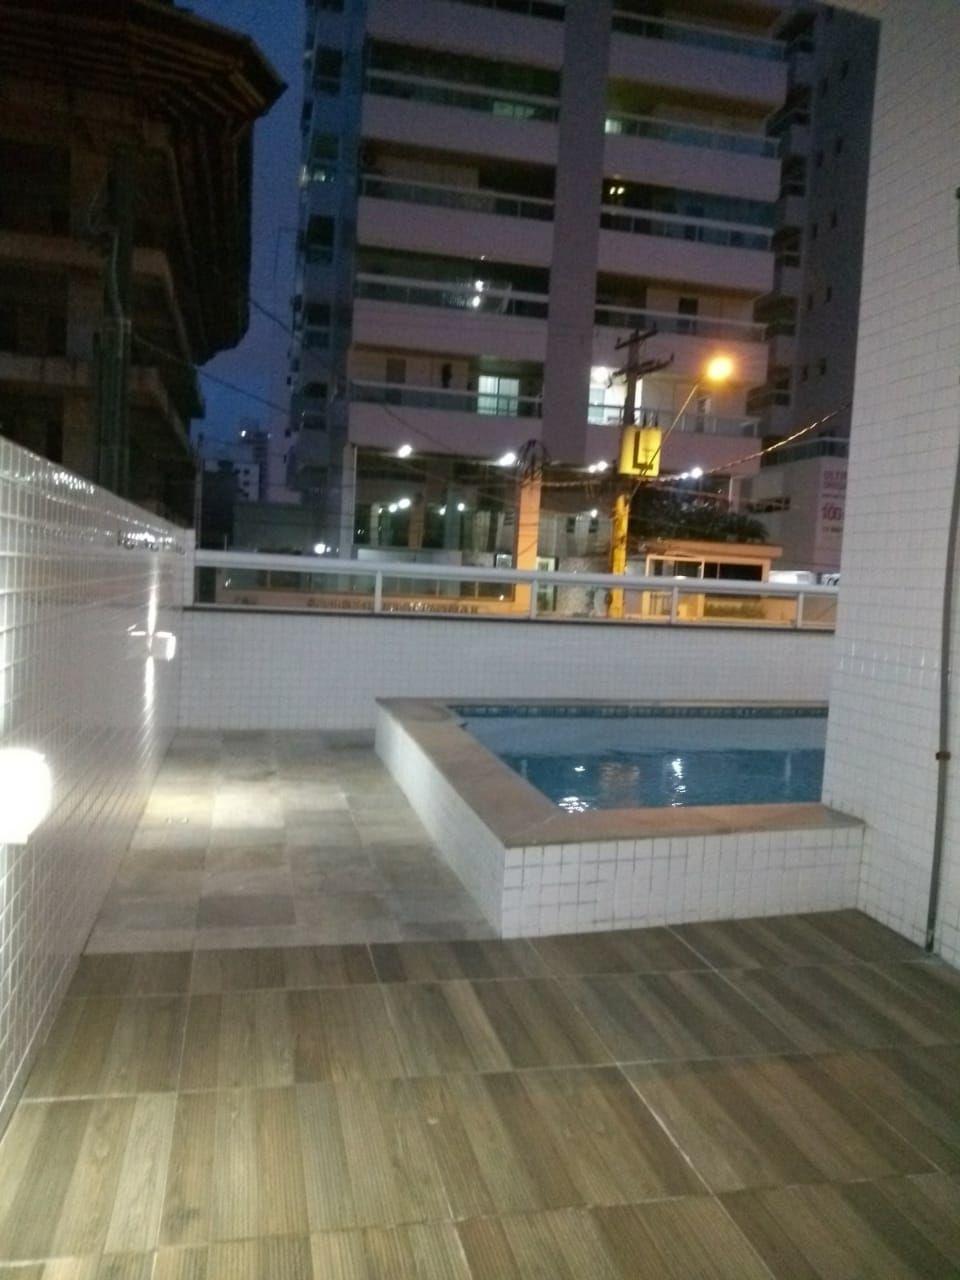 562 - Apto Praia Grande SP 92 m²